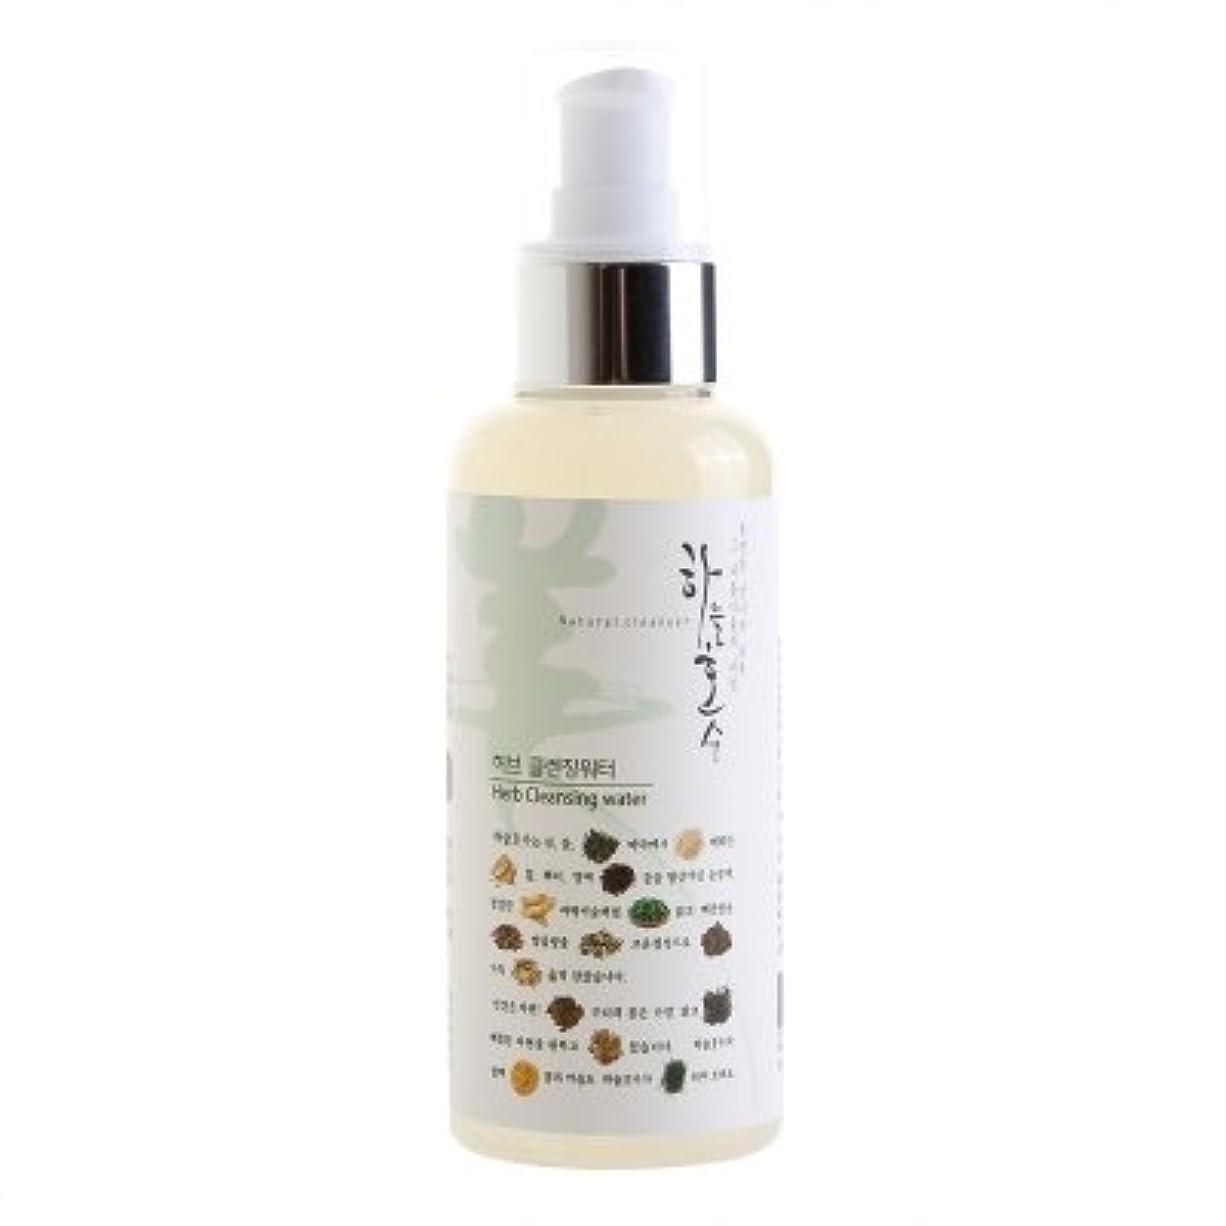 ランドマーク自慢分[ハヌルホス] Skylake [ハーブクレンジングウォーター (150ml)] (Herb Cleansing Water (150ml)) [並行輸入品]